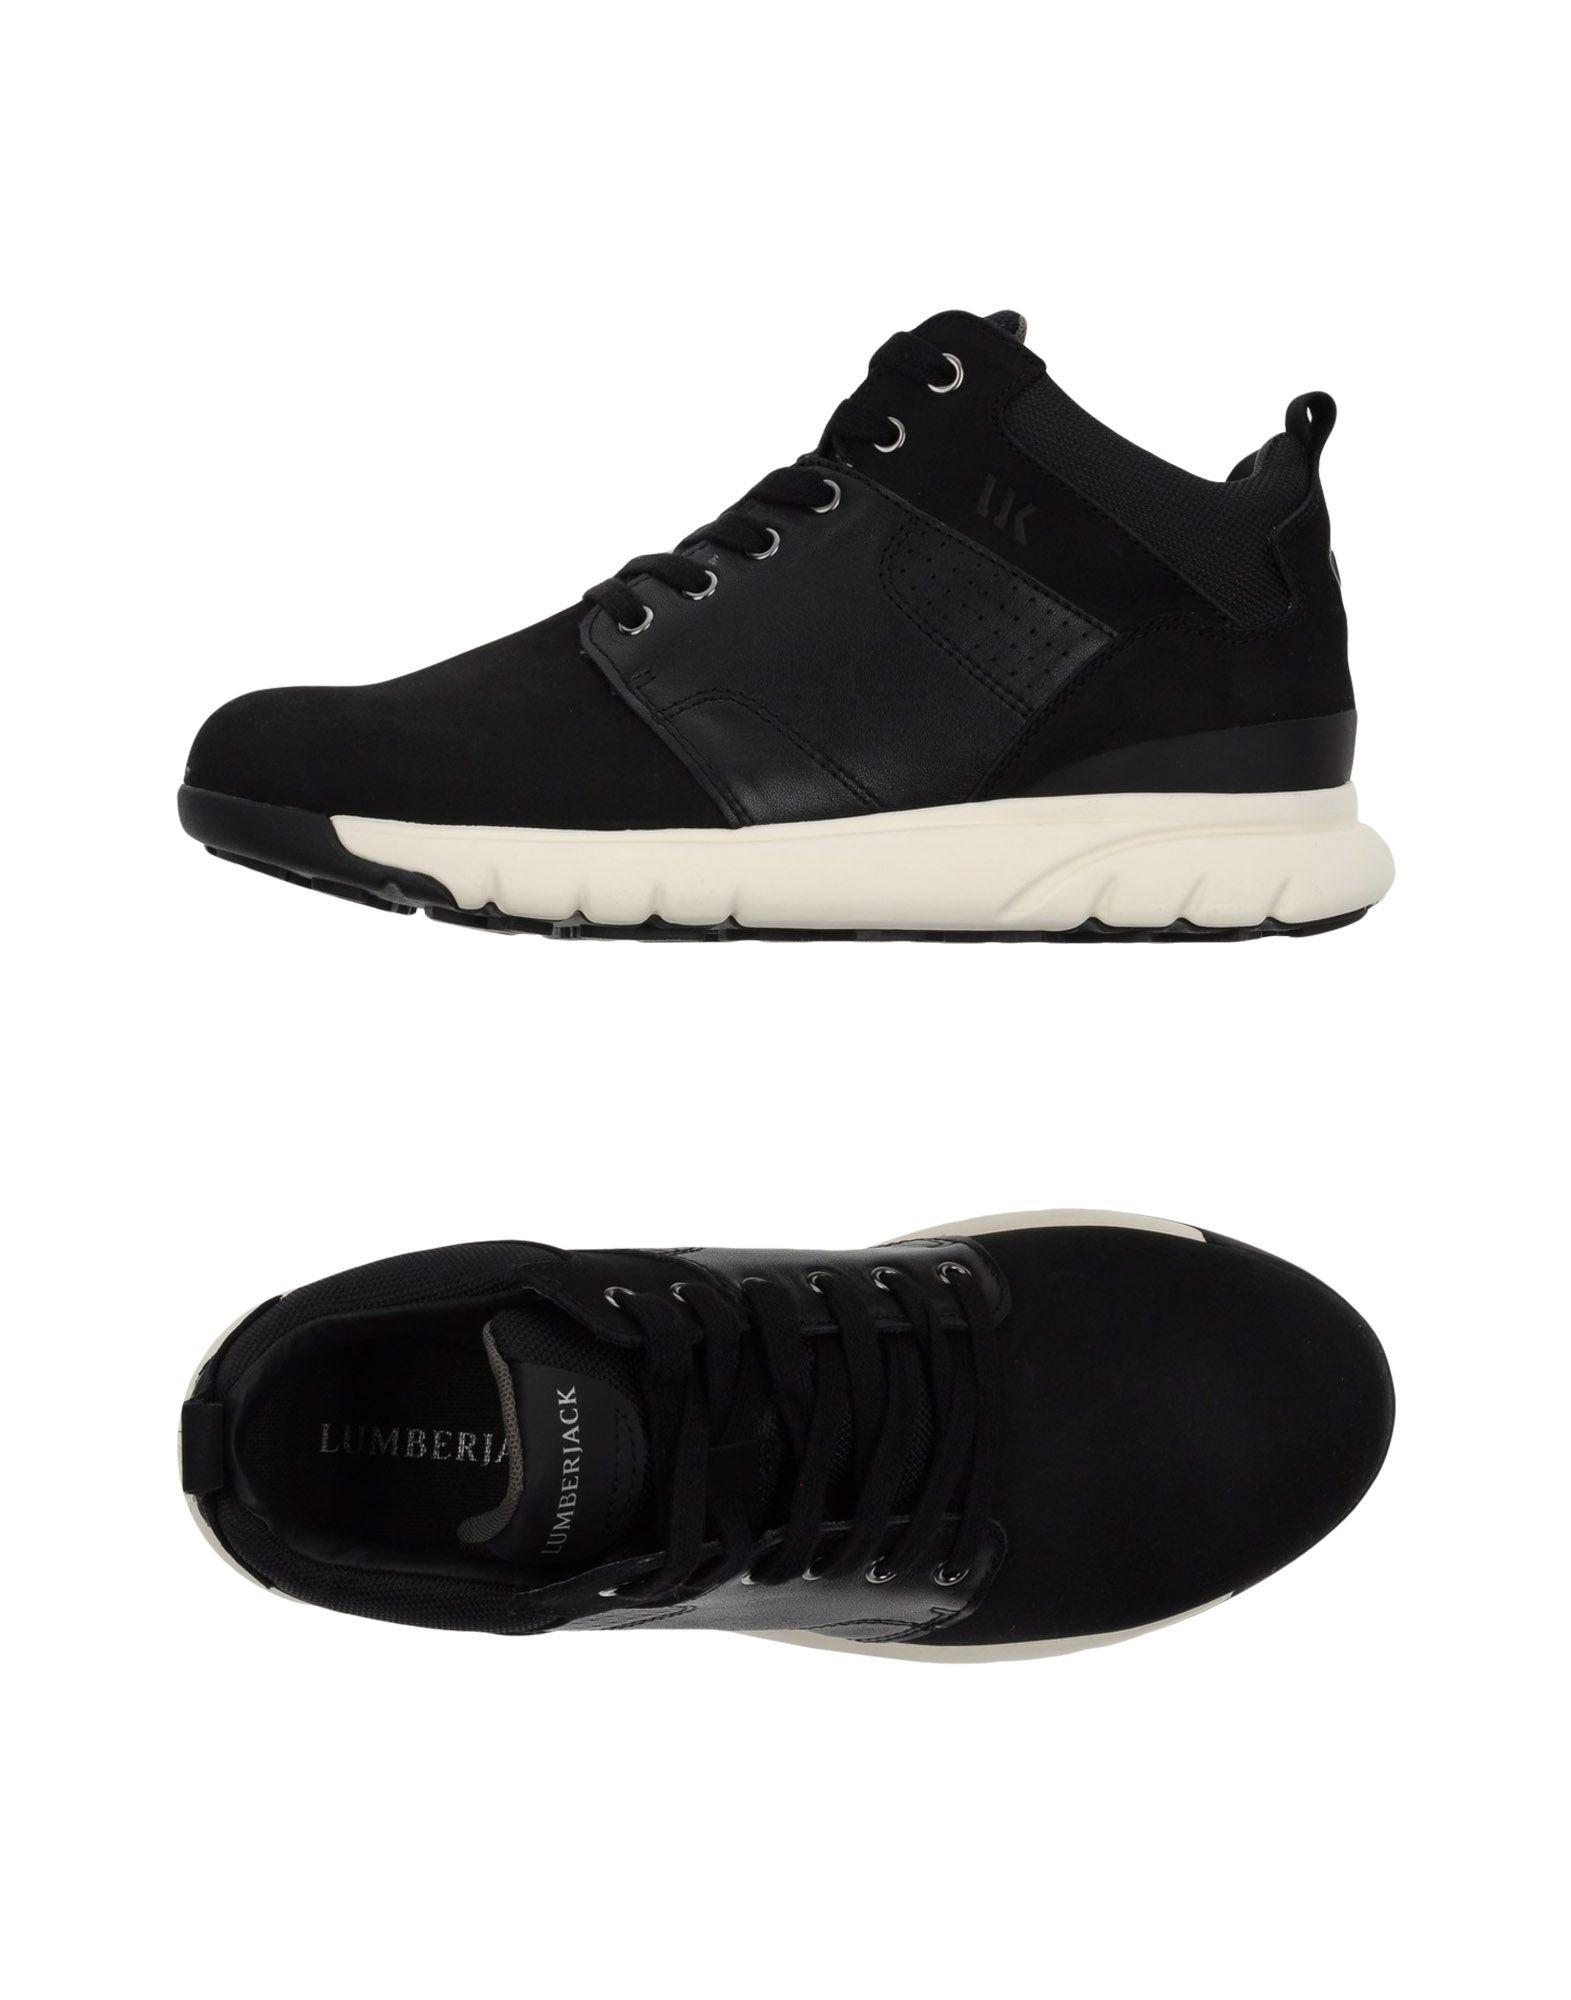 Lumberjack Sneakers 11337362TN Herren  11337362TN Sneakers Heiße Schuhe 03c4de